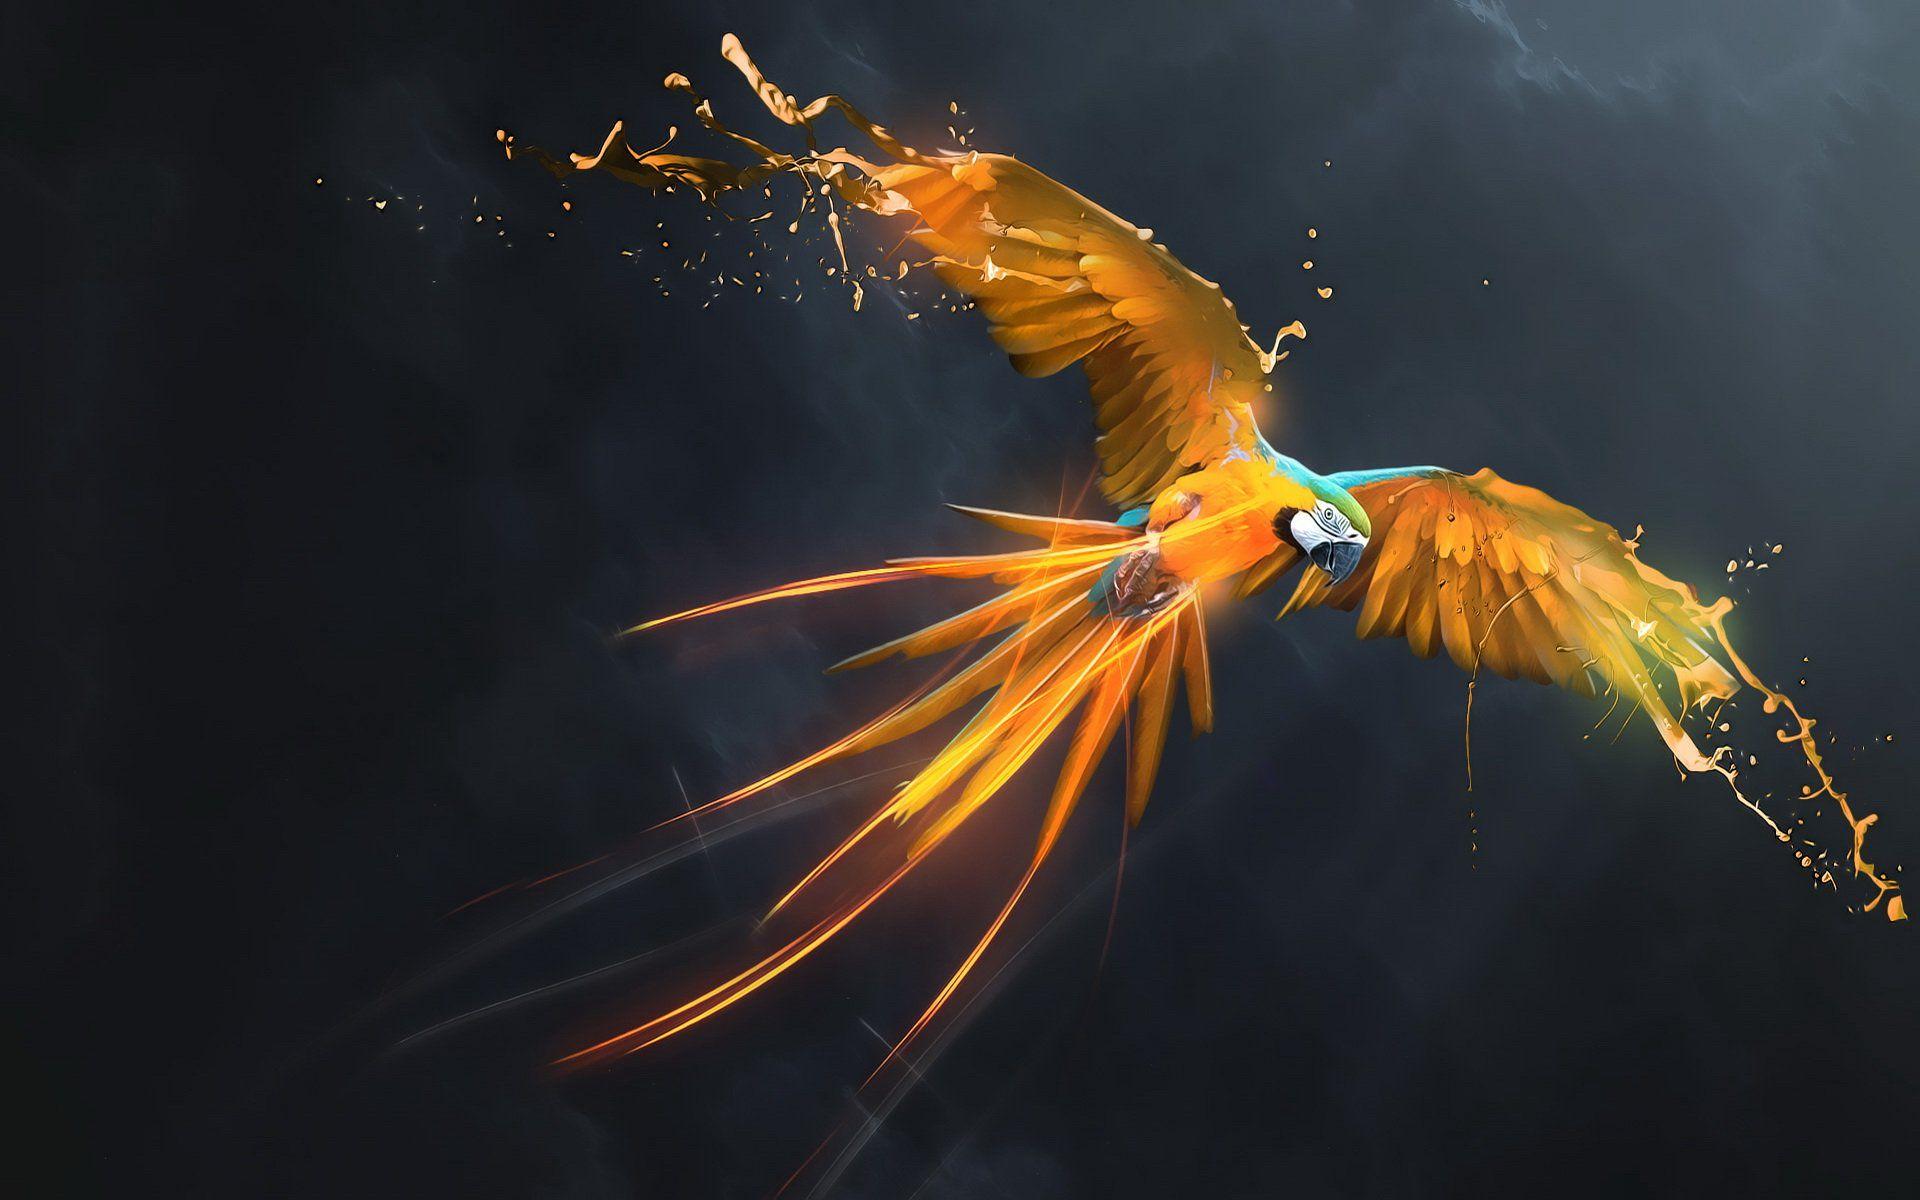 попугай краски рисунок загрузить